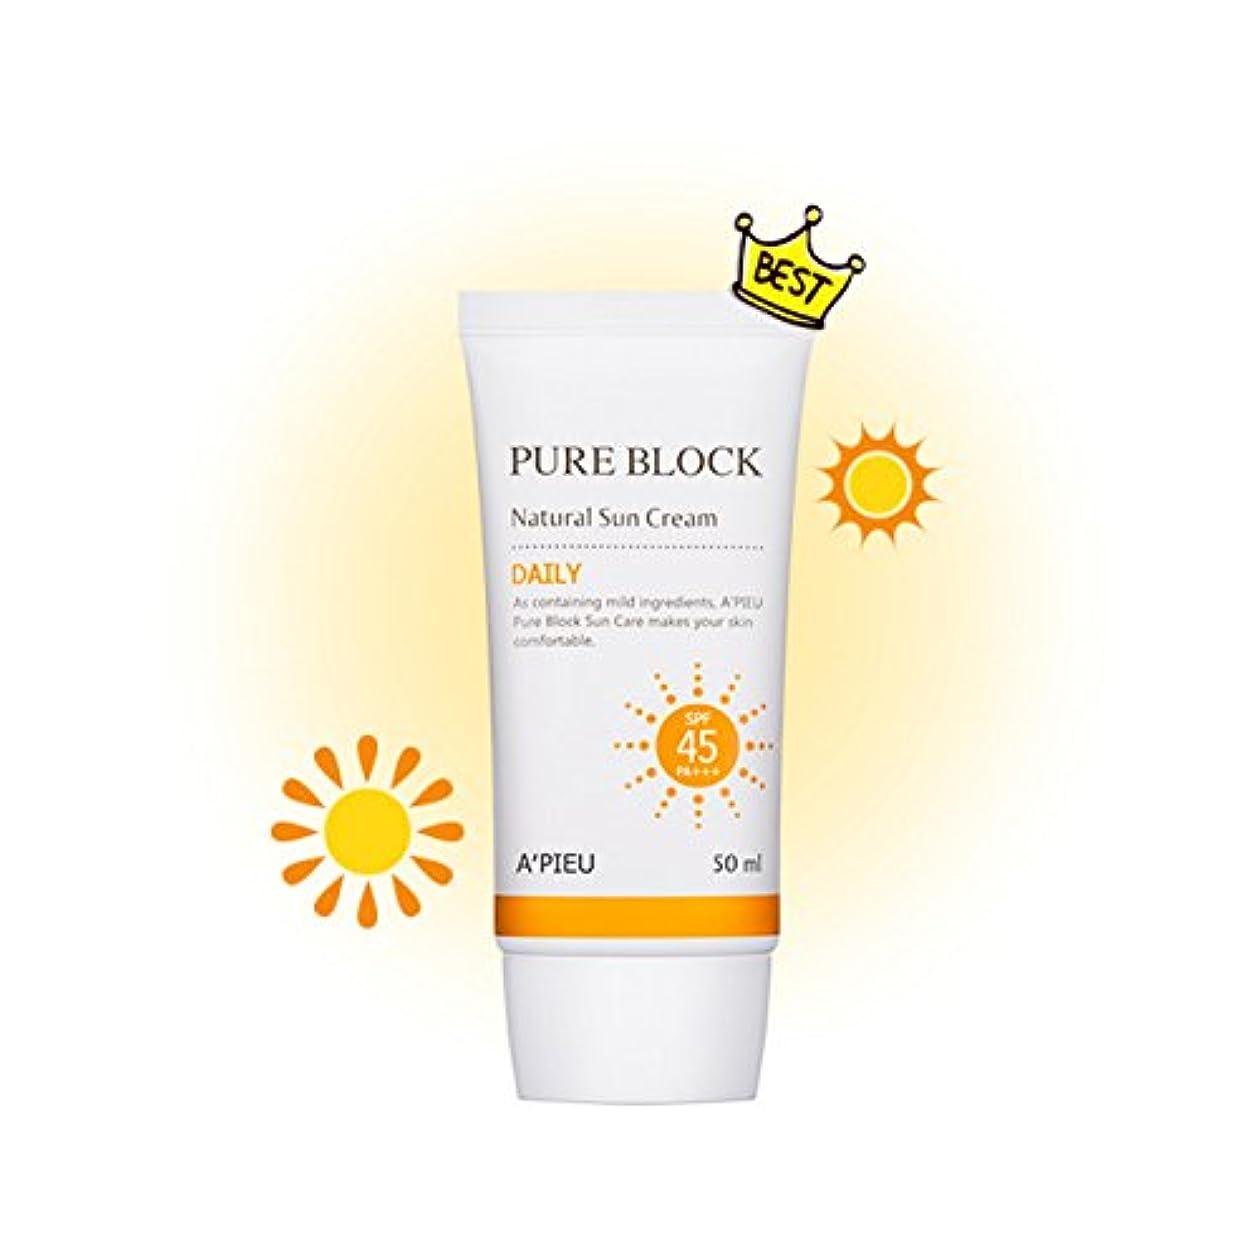 ハンディキャップスタウト虫を数える[オピュ] A'PIEU ピュアブロックナチュラルデイリー日焼け止め Pure Block Natural Daily Sun Cream SPF 45 PA+++ [並行輸入品]